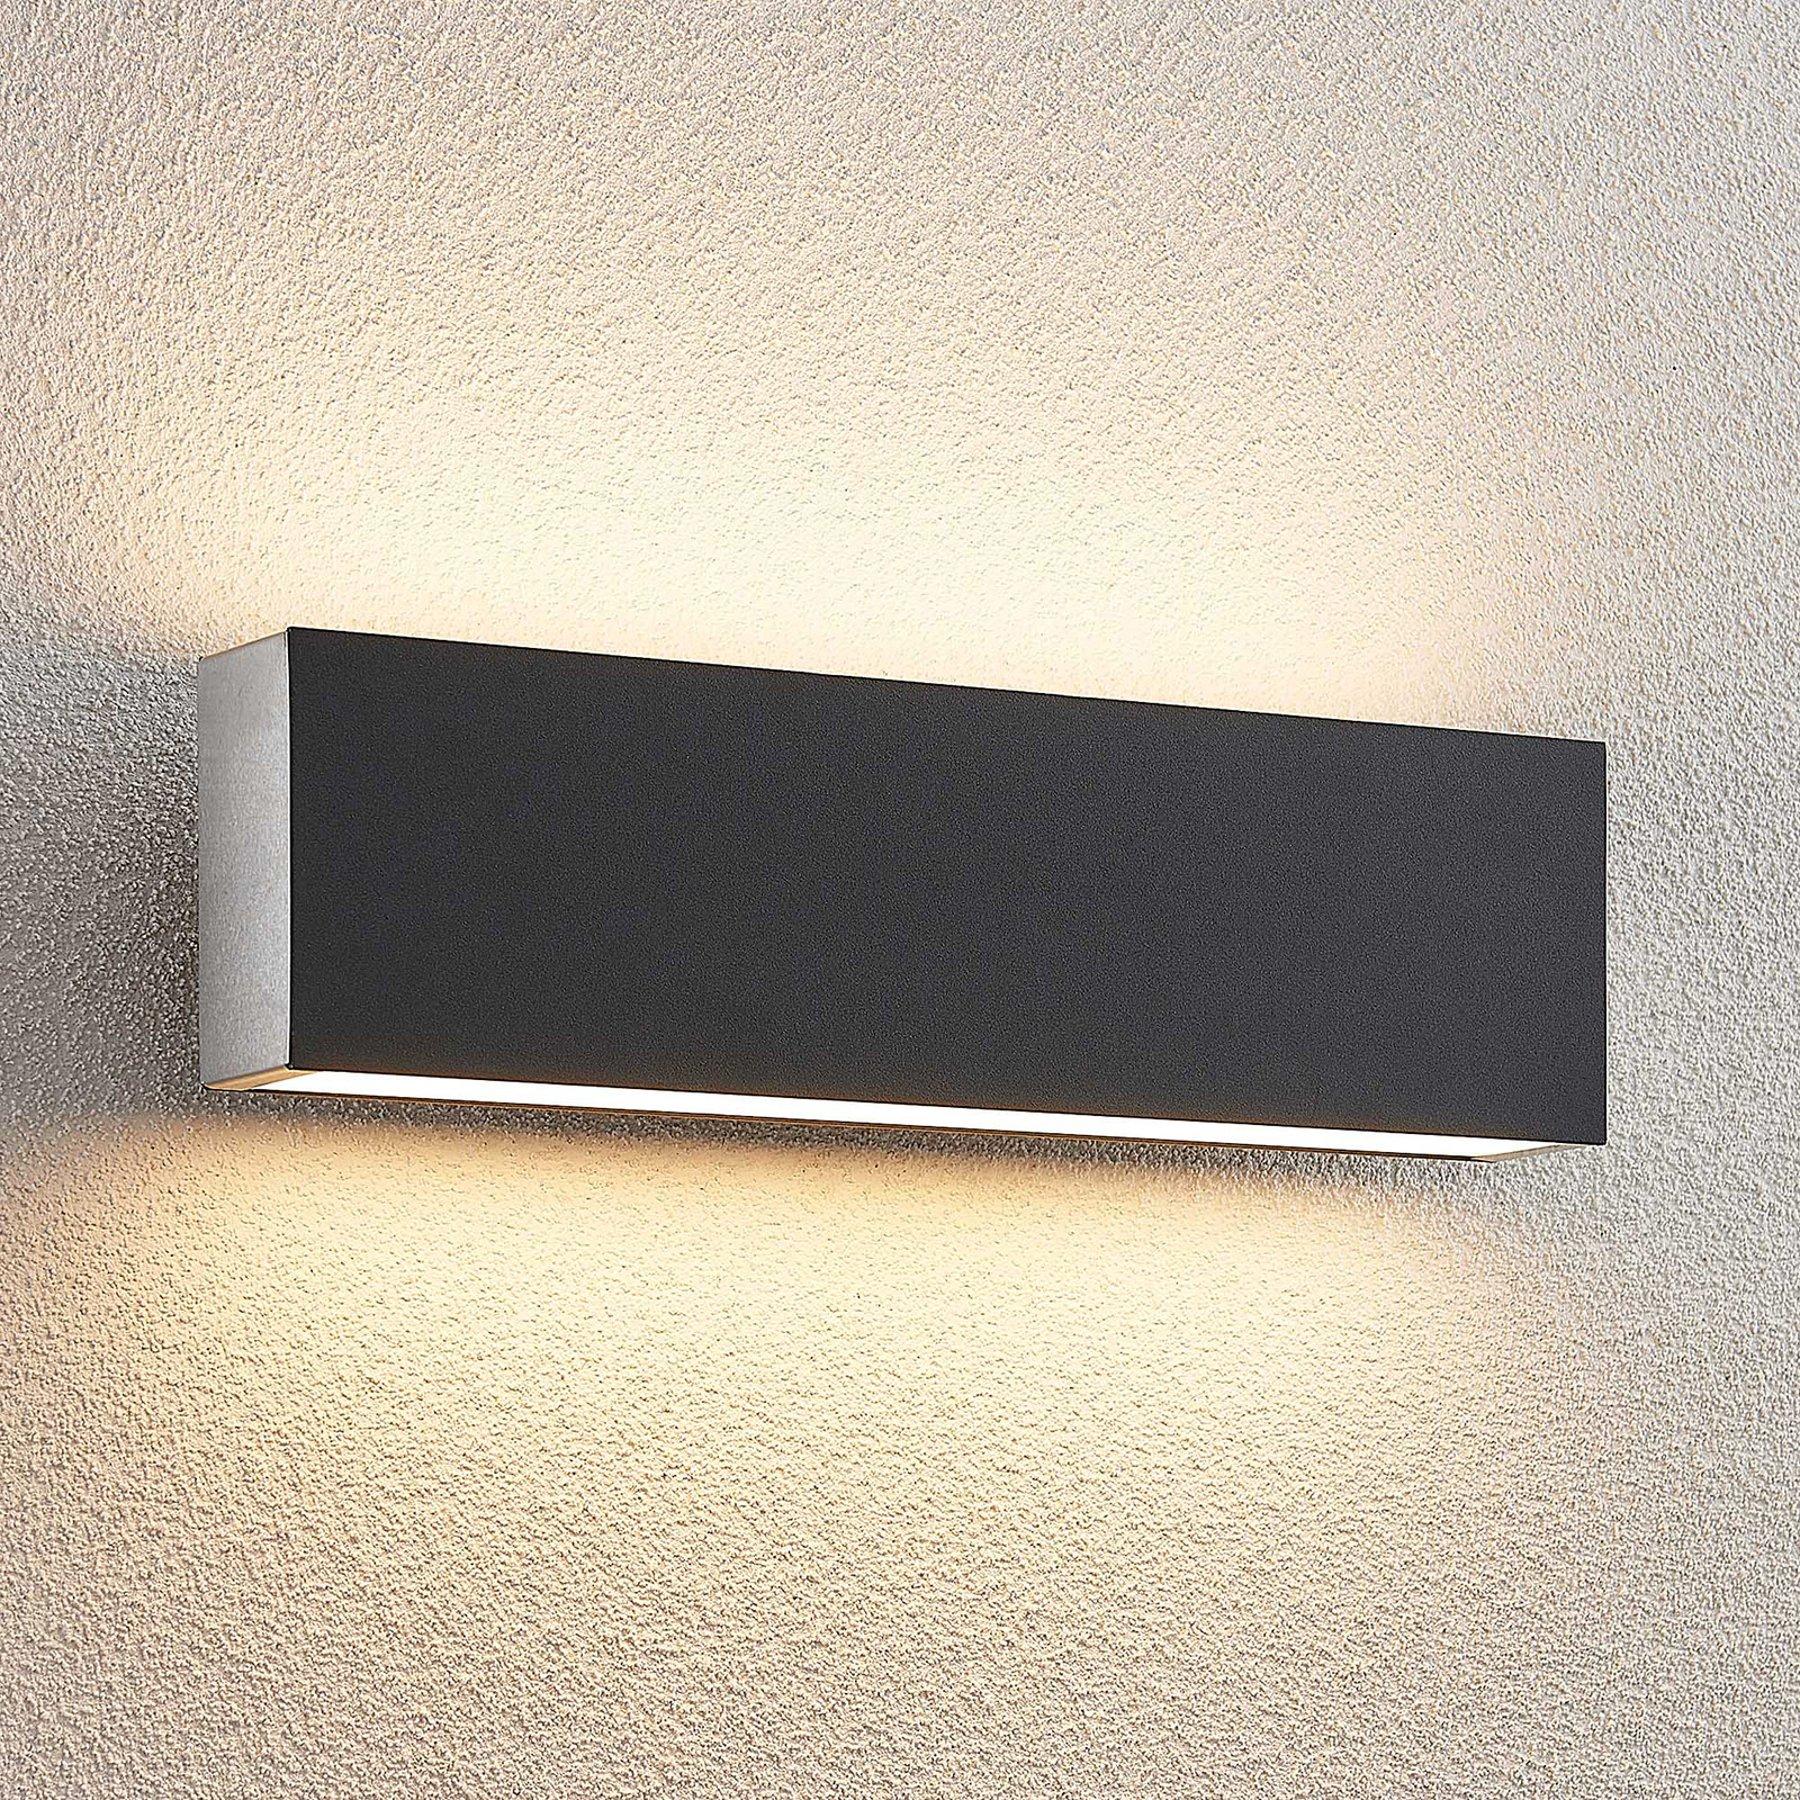 Lucande Aegisa LED utendørs LED-vegglampe, kantet